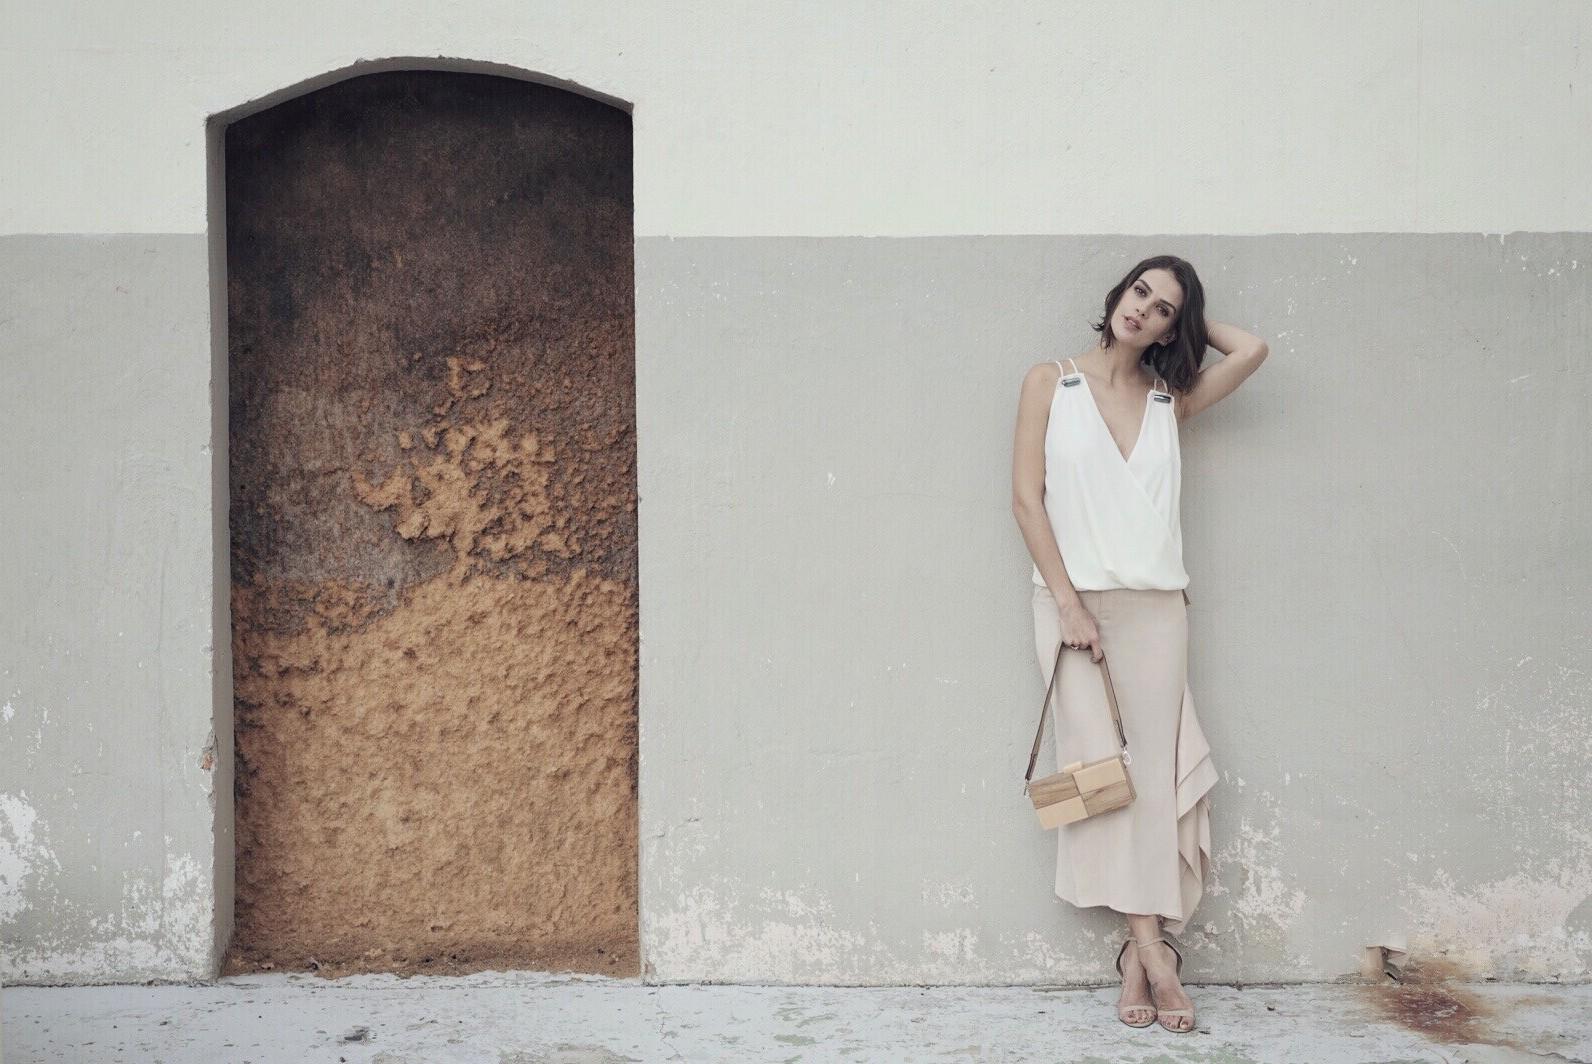 Mulher do cantor Junior Lima, Mônica Benini mostra sua porção modelo em campanha (Foto: Divulgação)